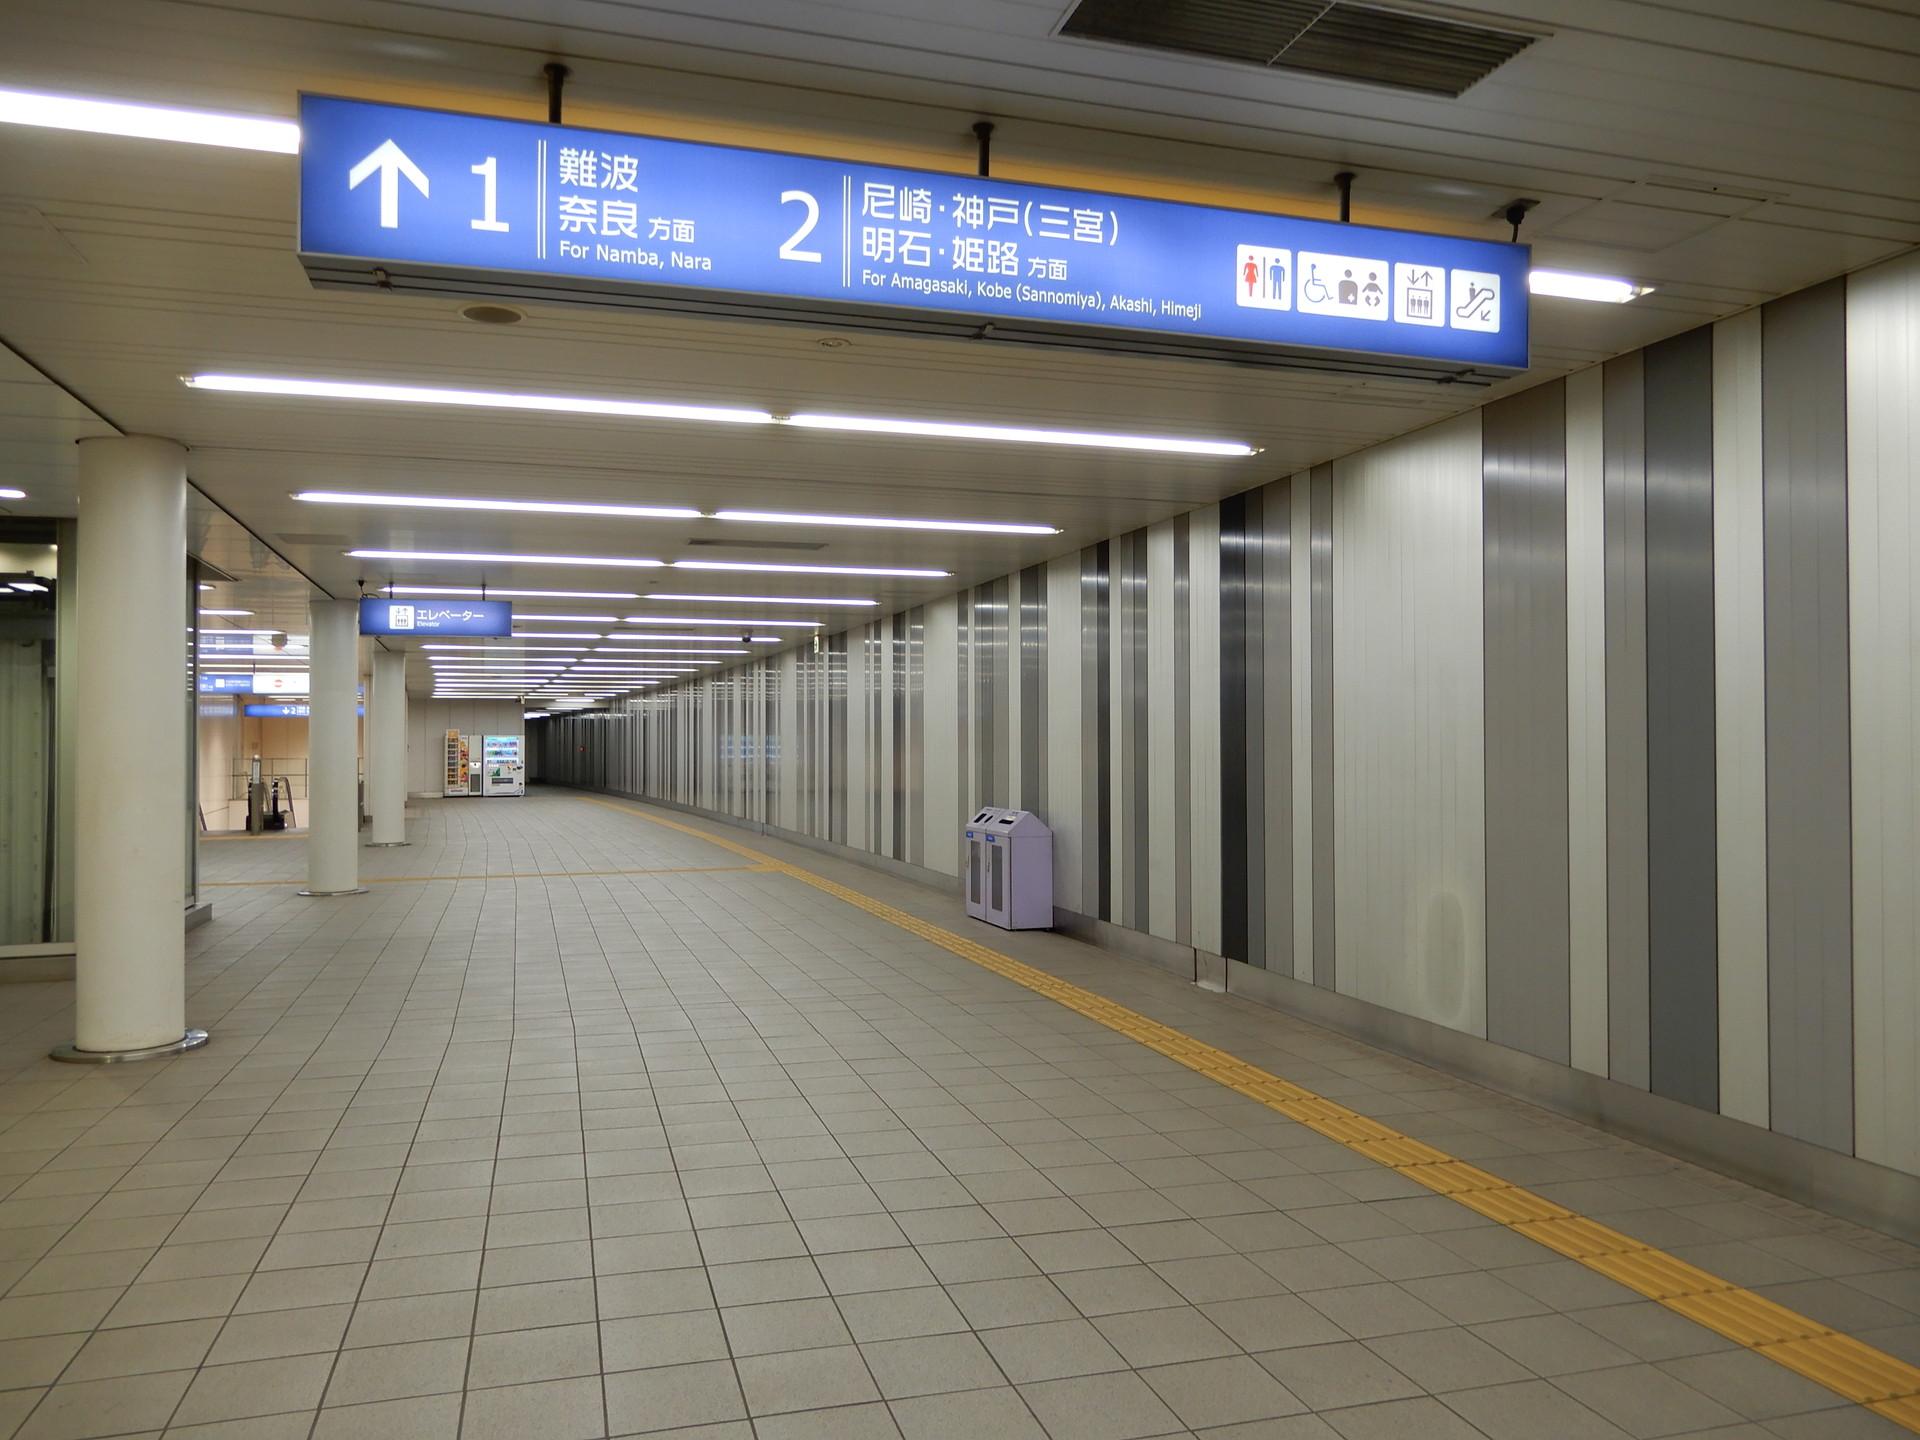 阪神桜川駅の改札内